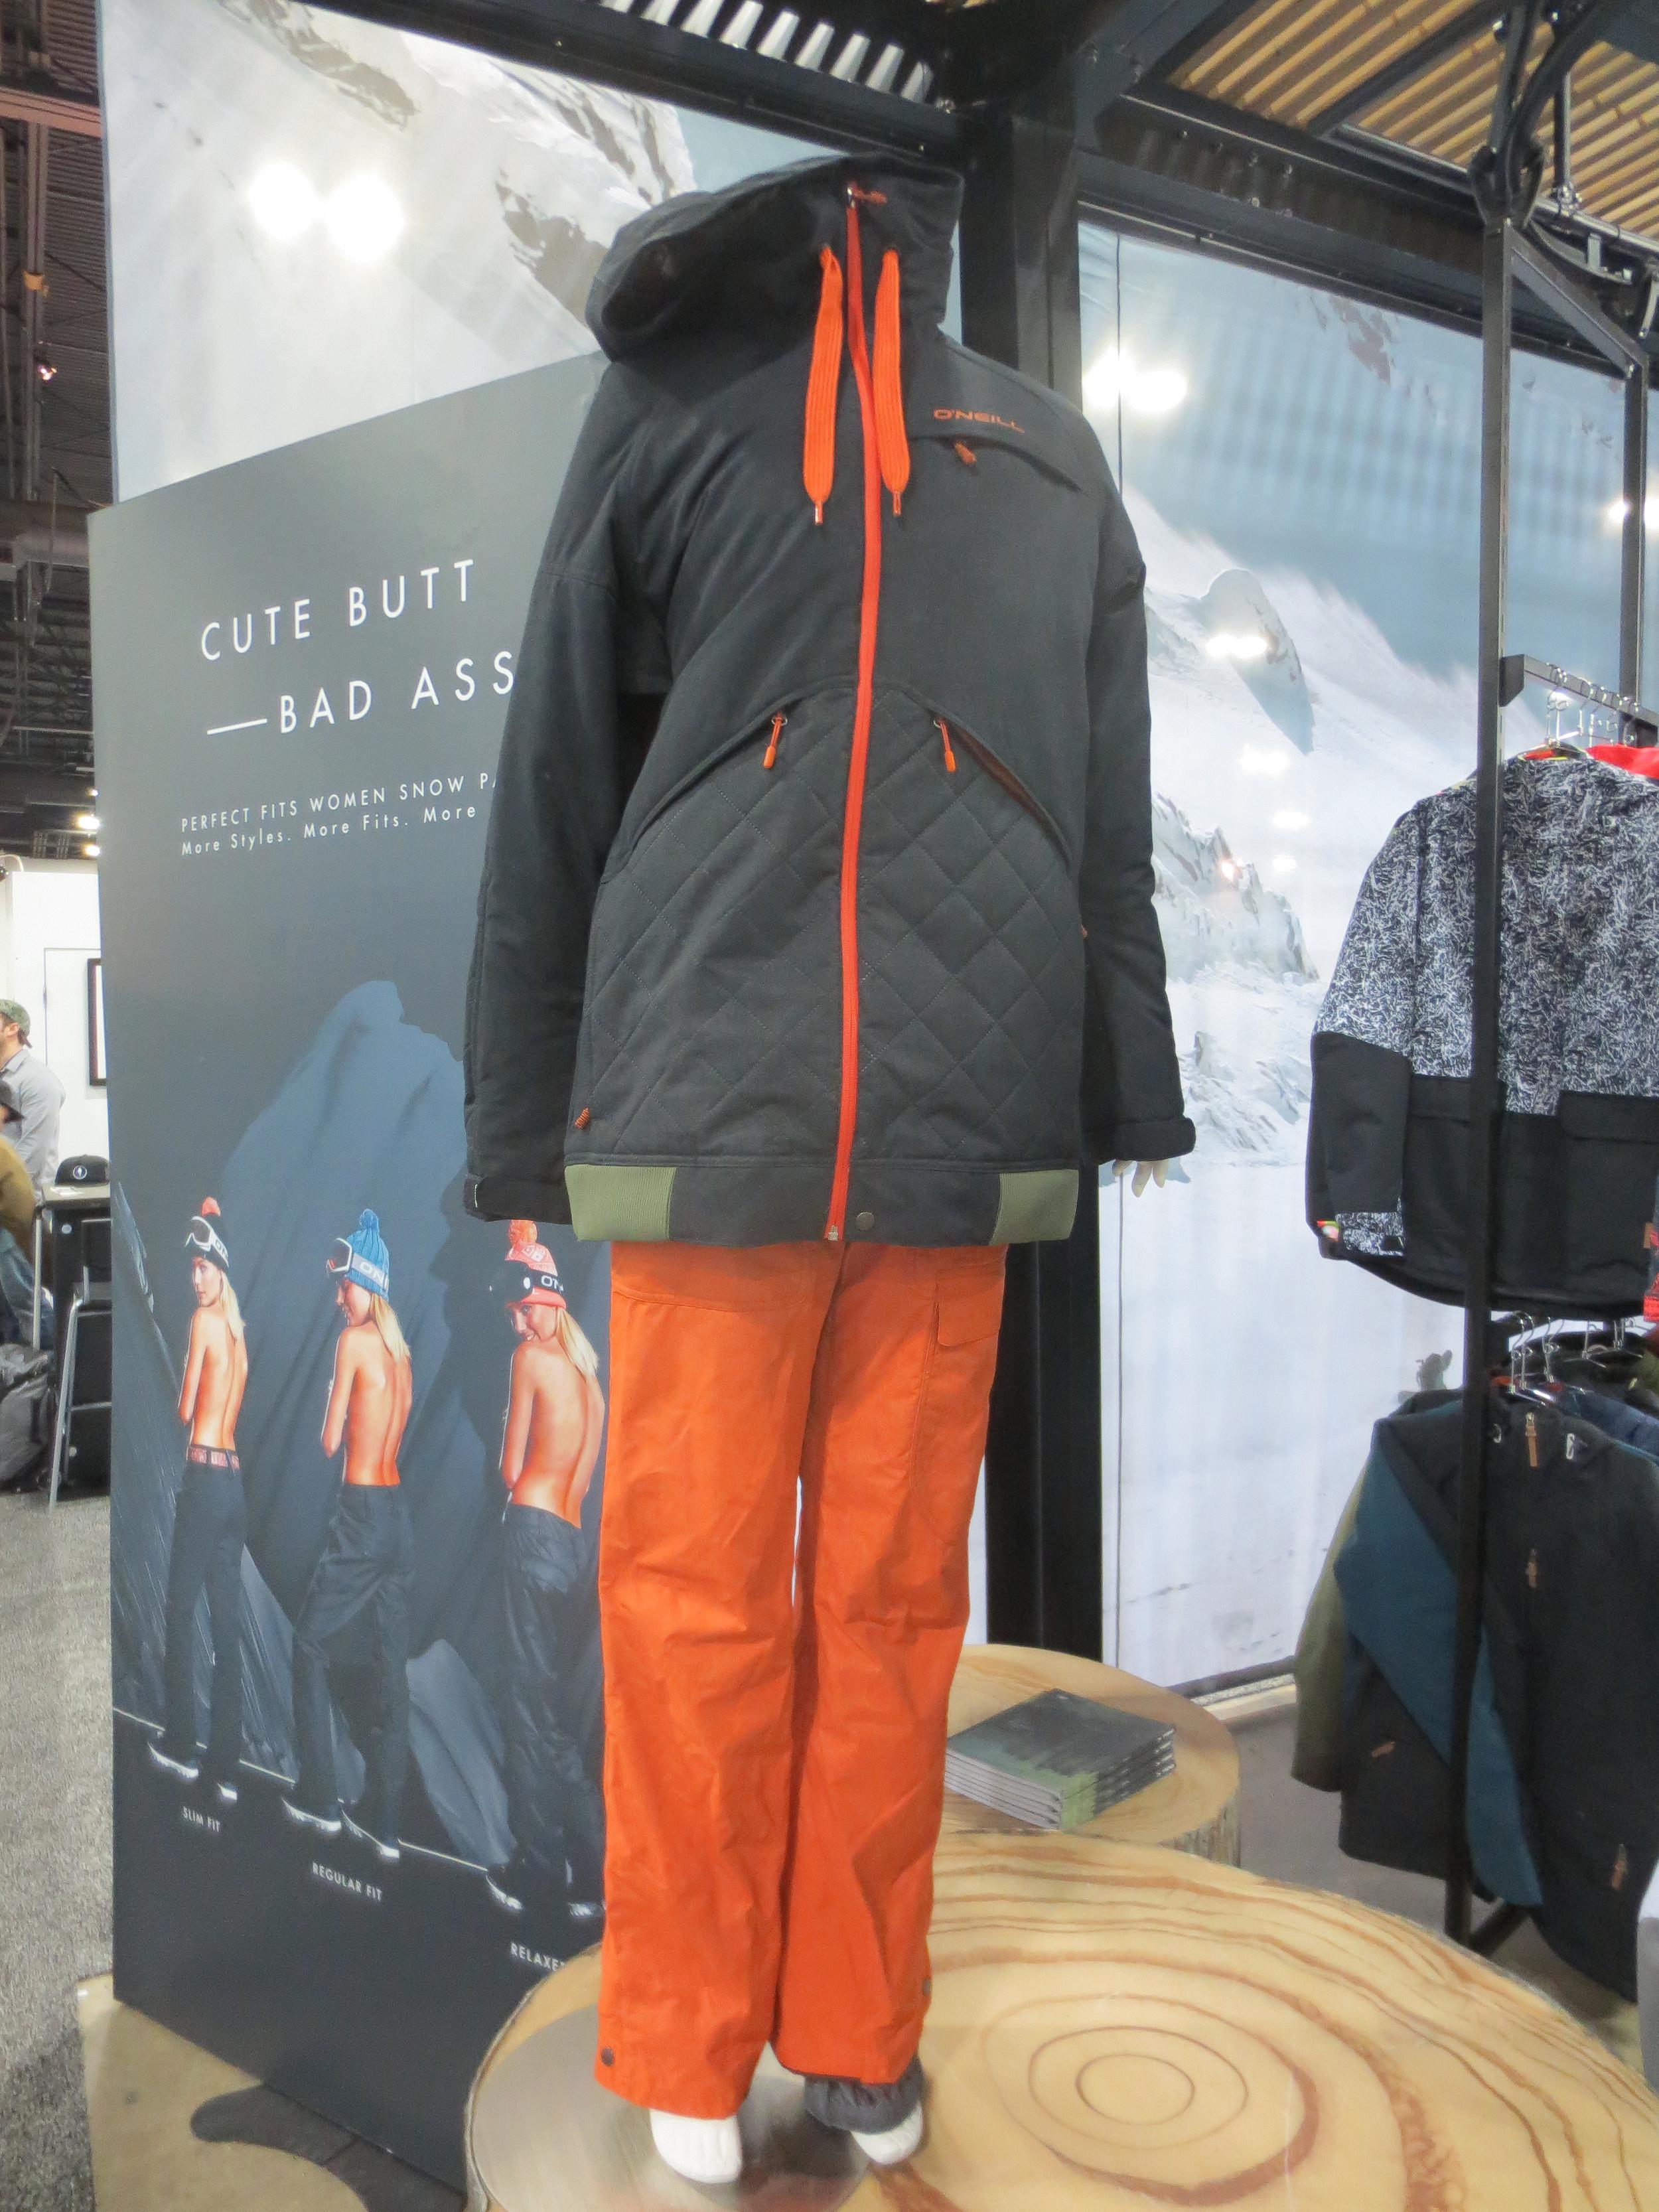 O'Neill's new womens outwear is #cutebuttbadass.